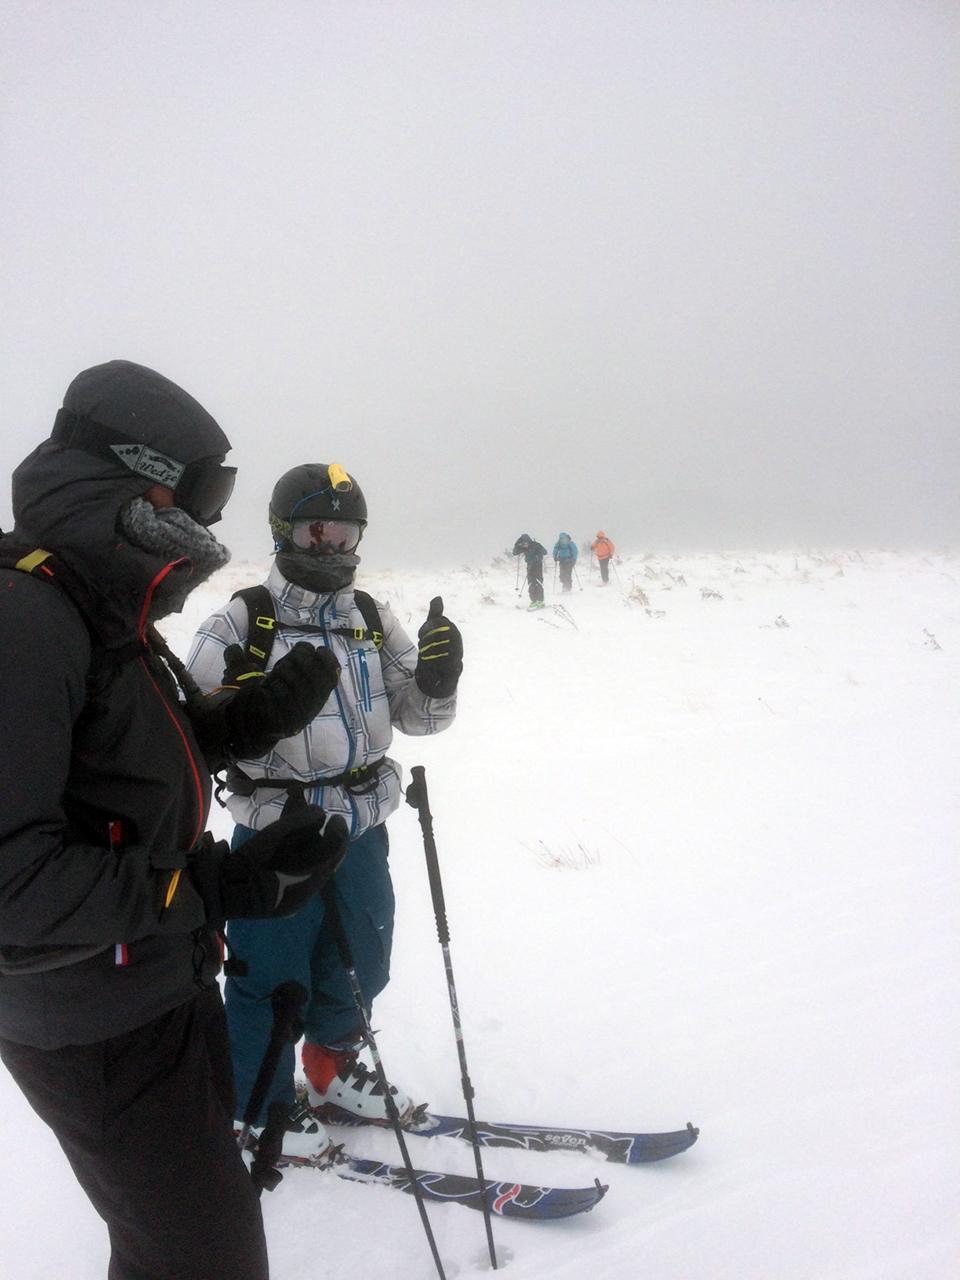 Sortie ski de randonnée Scaramus - Bureau des Guides Ariege Pyrénées